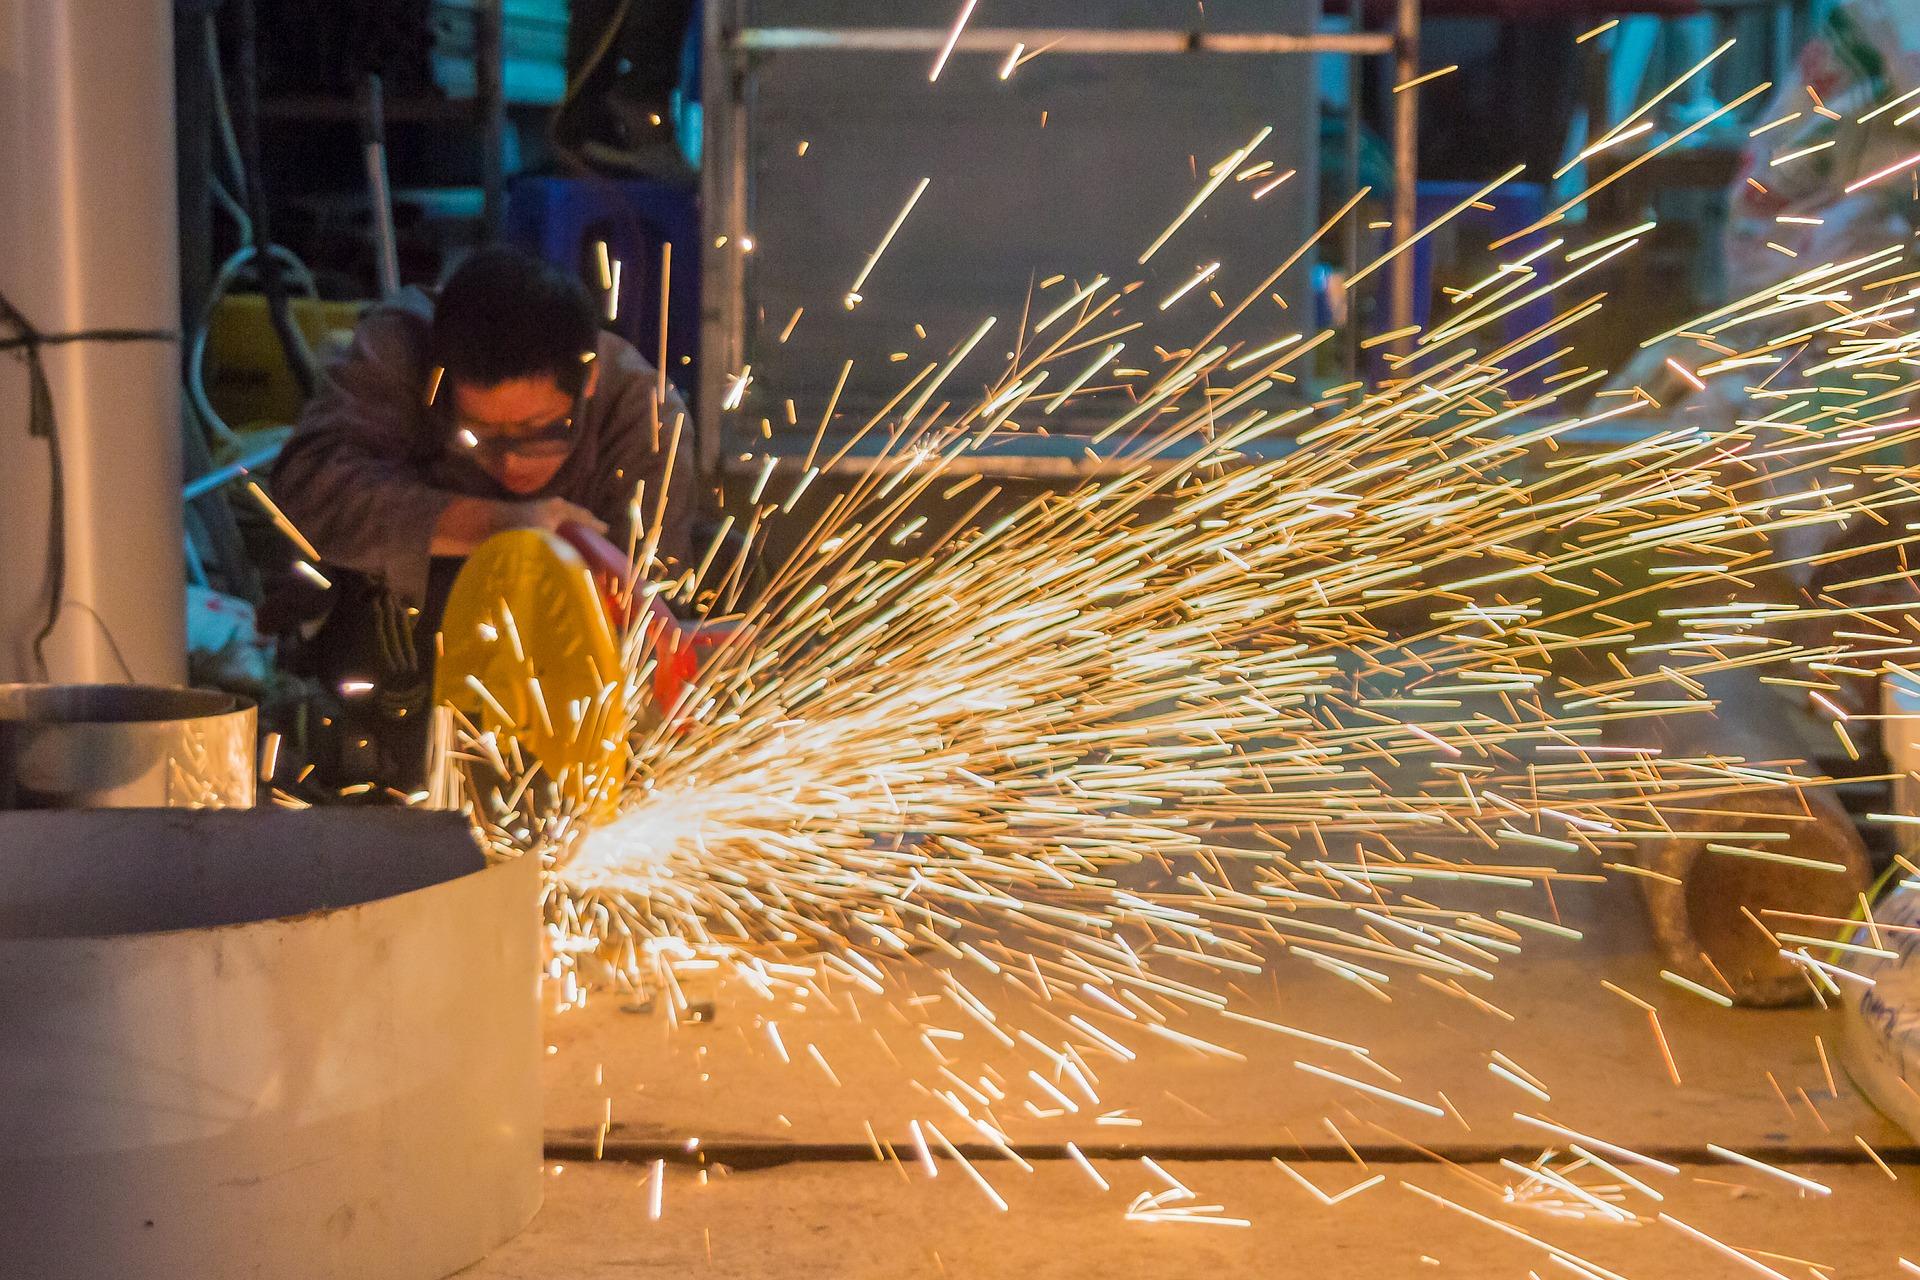 Росстат представил данные о промышленном производстве в России в январе - августе 2019 года